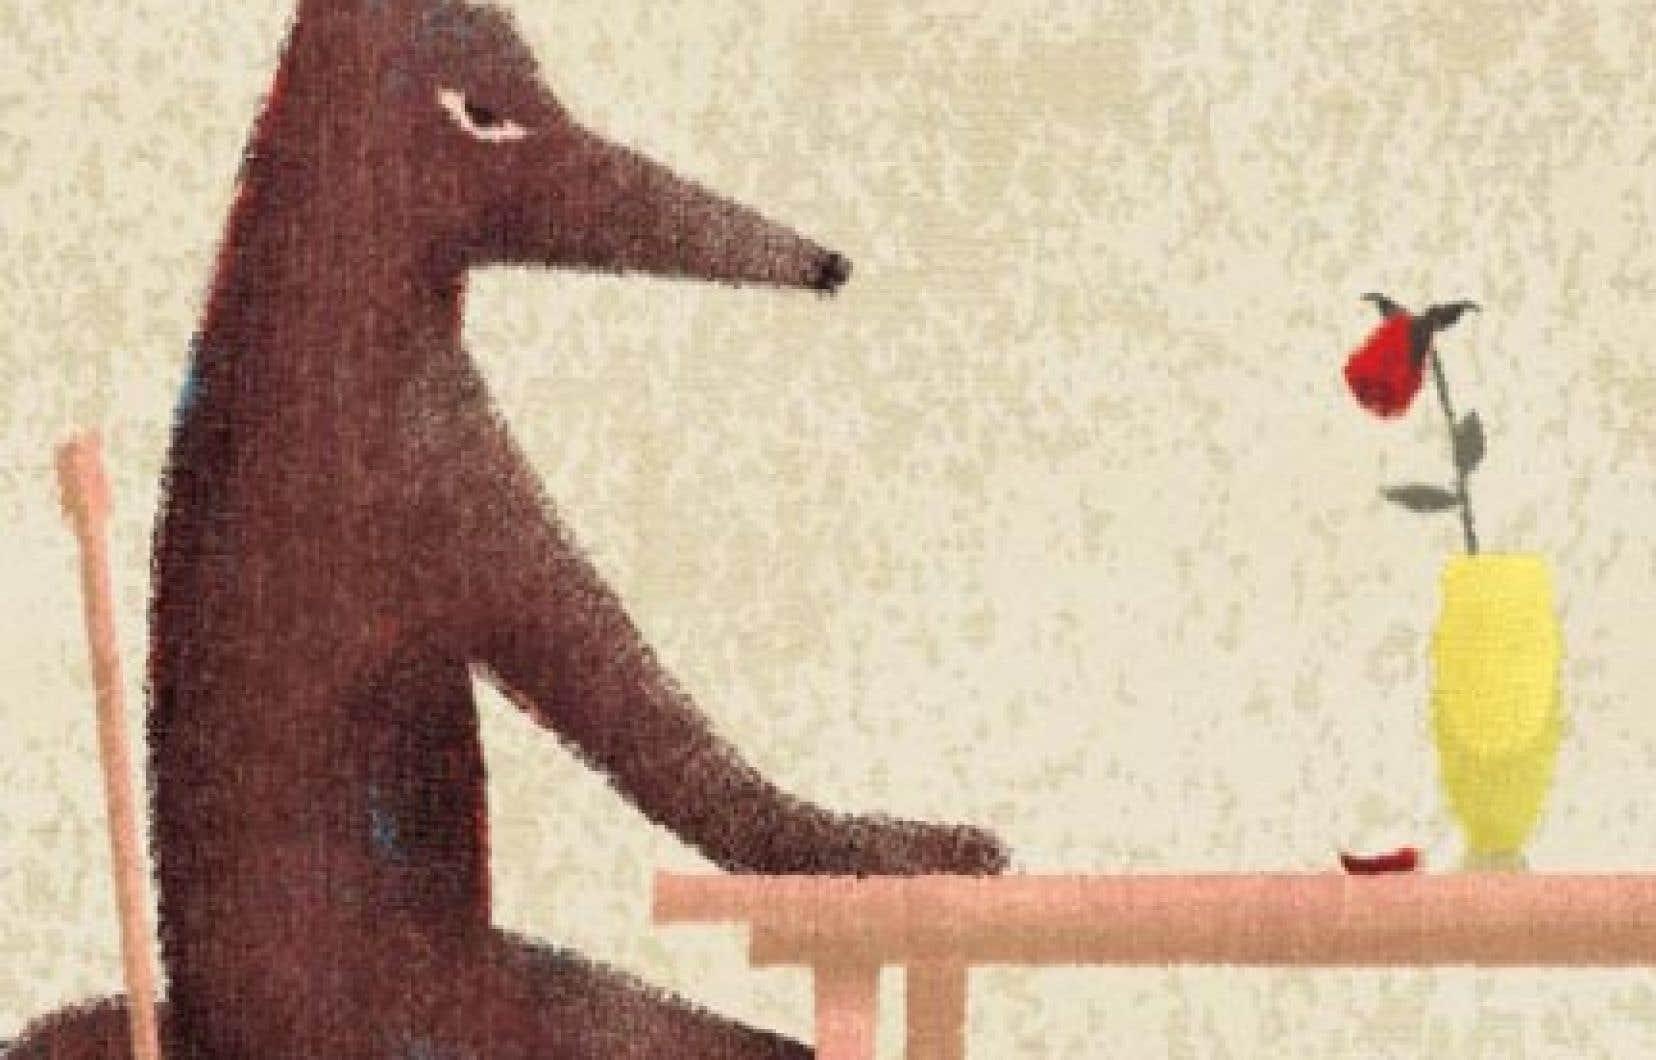 Dans un album aux allures de conte, Valérie Fontaine et Nathalie Dion abordent le thème de la violence familiale.